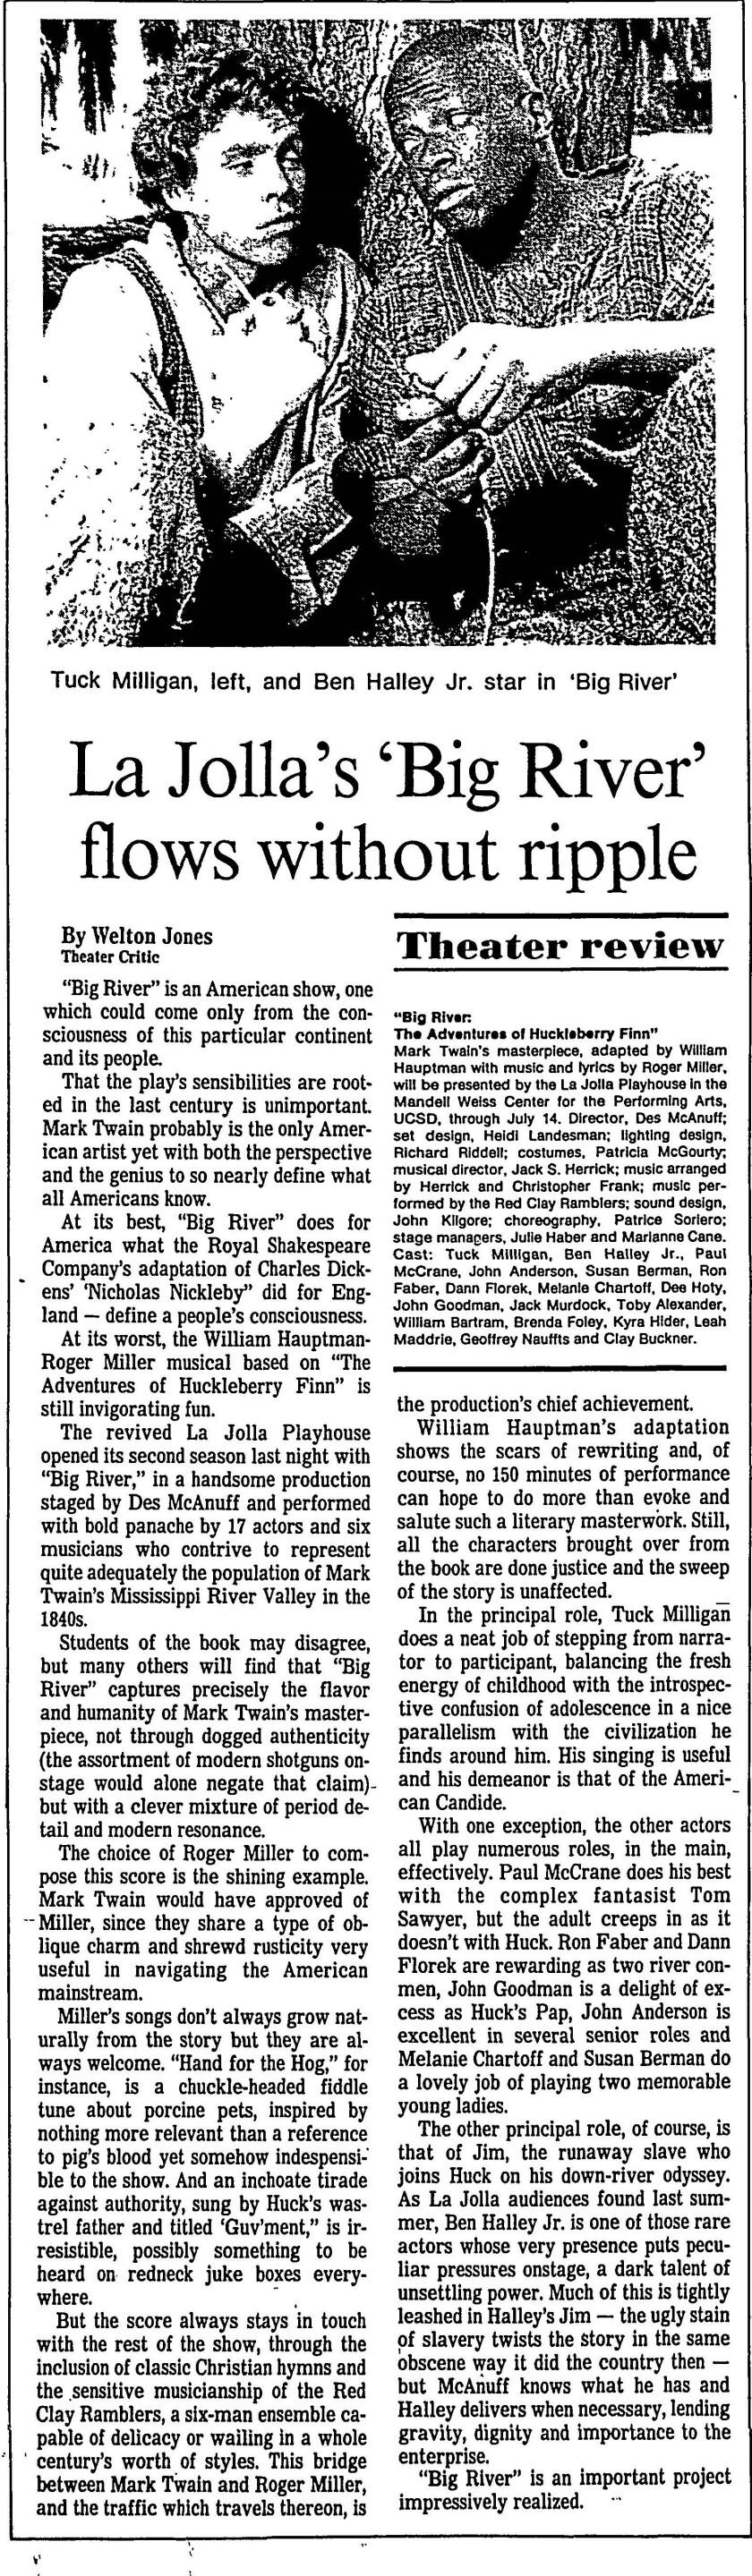 June-25-1984-bigriver-article.jpg